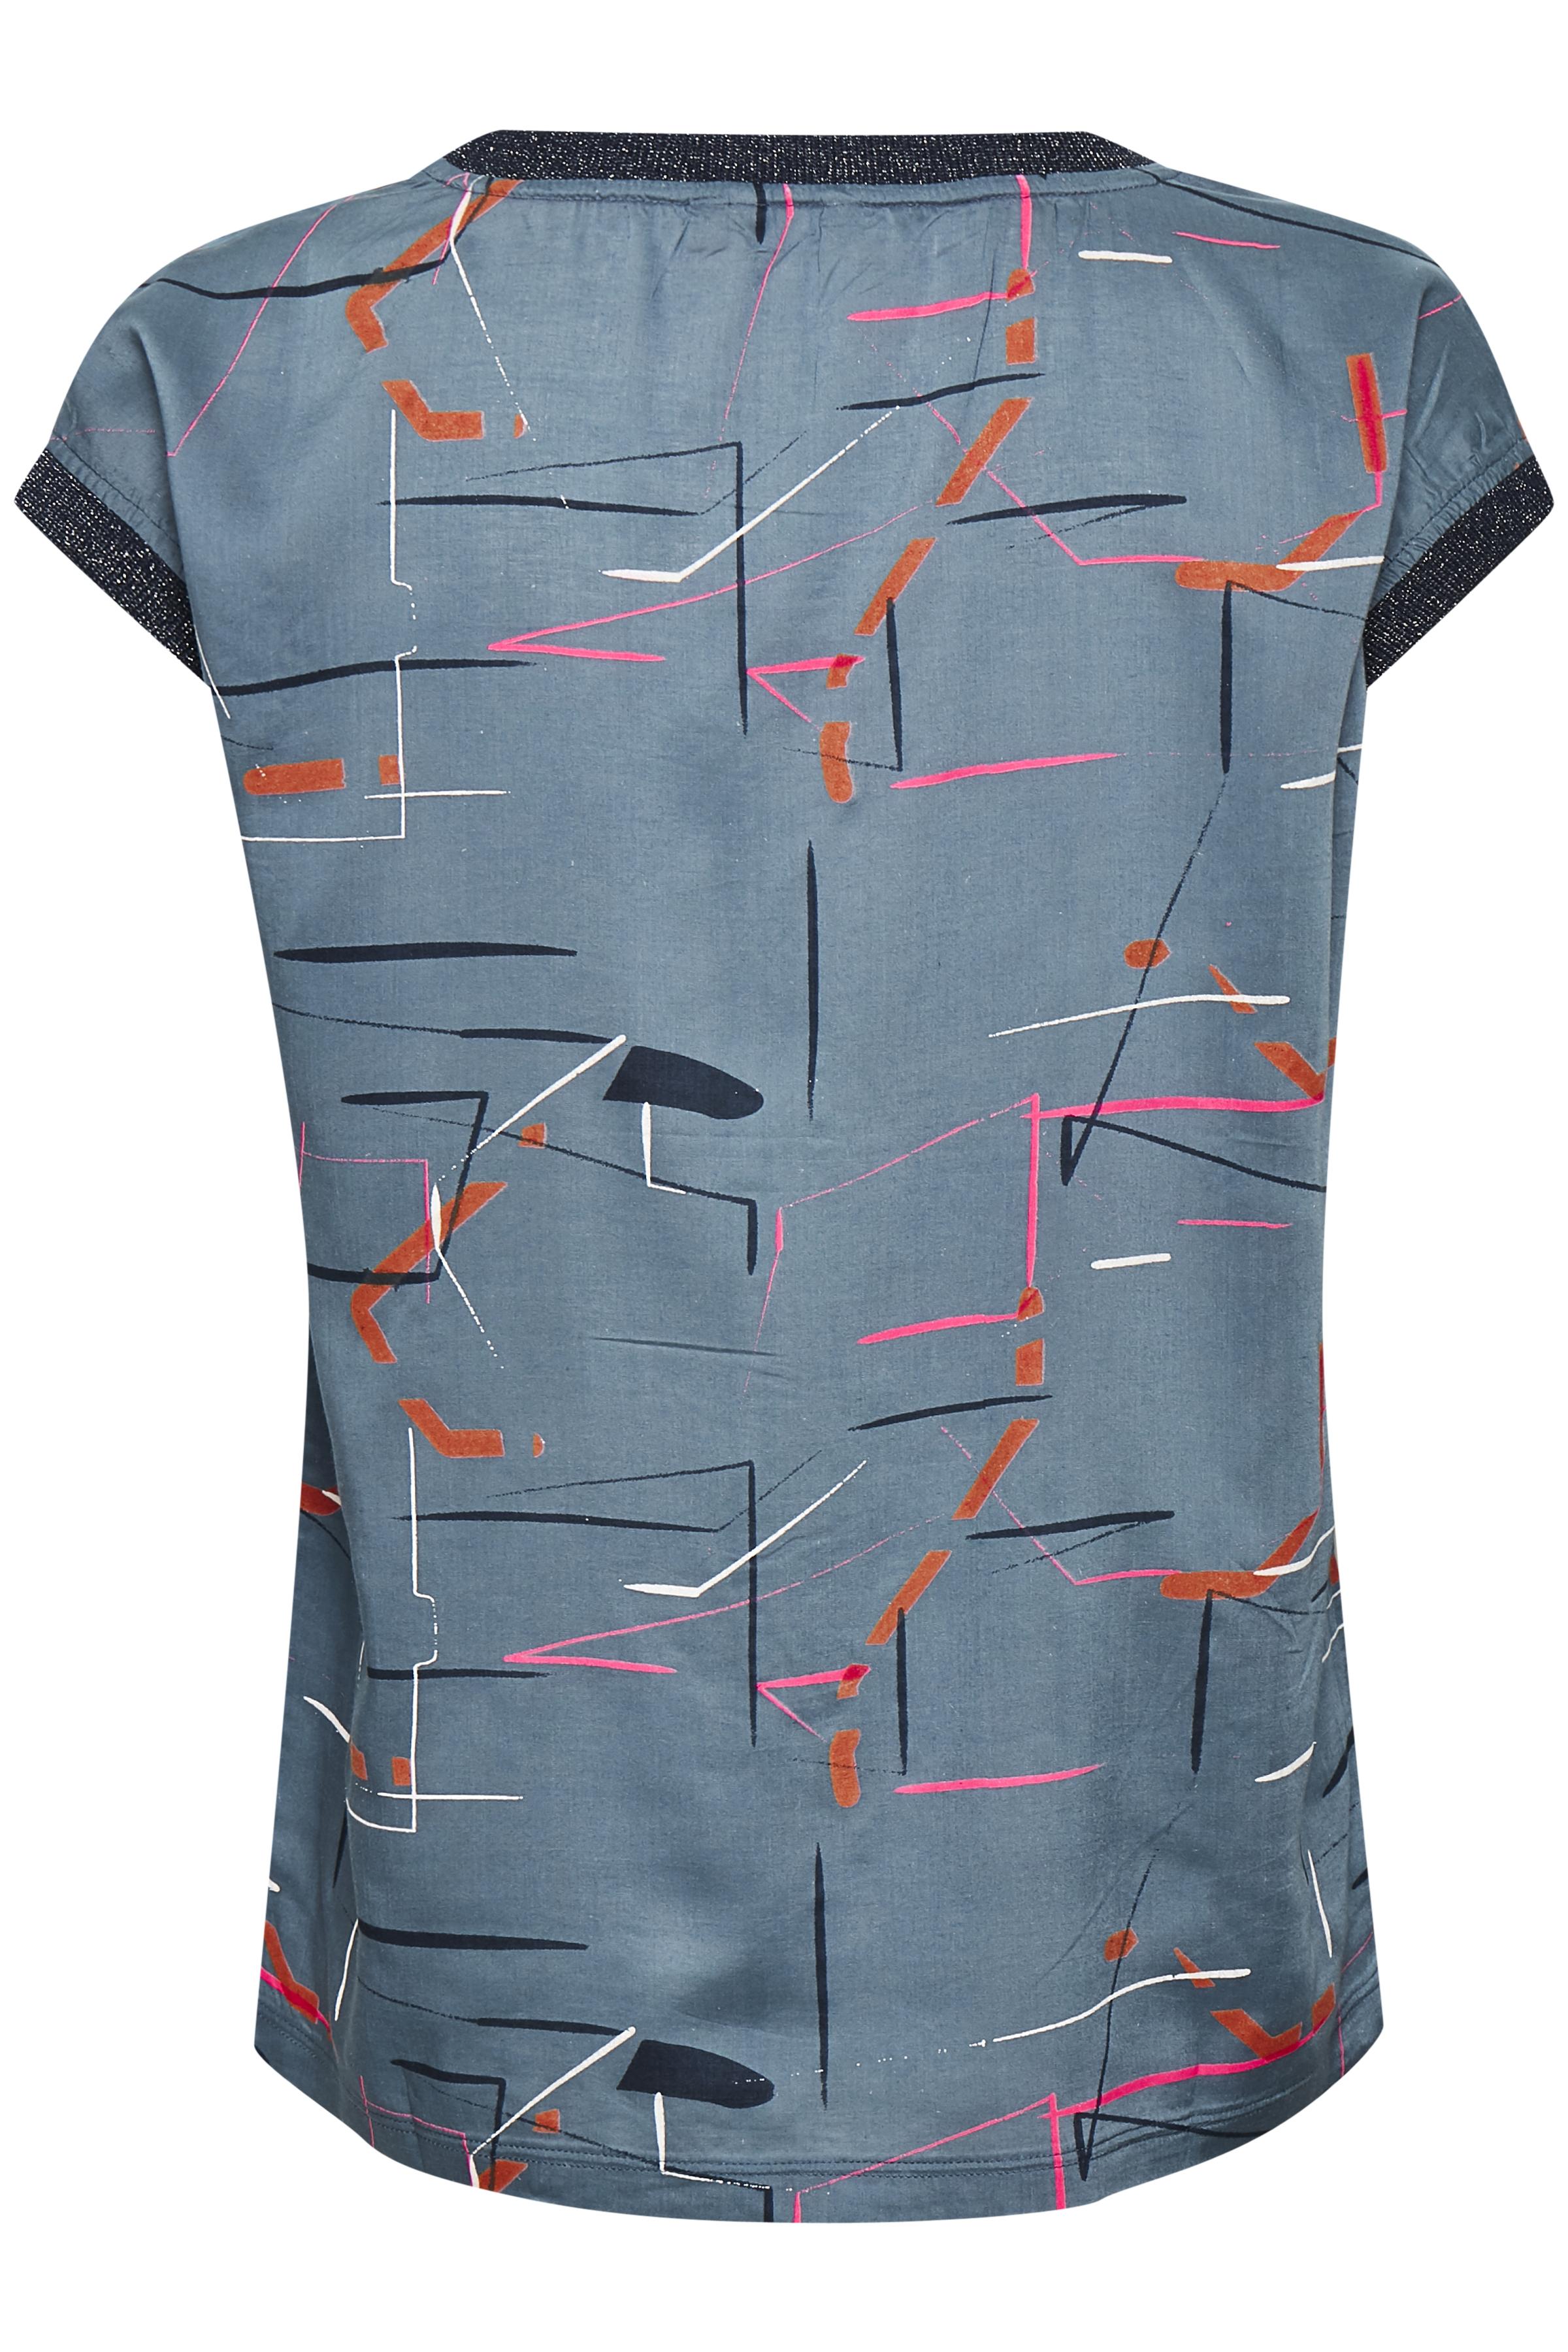 Staubblau/pink Kurzarm-Bluse  von Bon'A Parte – Shoppen Sie Staubblau/pink Kurzarm-Bluse  ab Gr. S-2XL hier